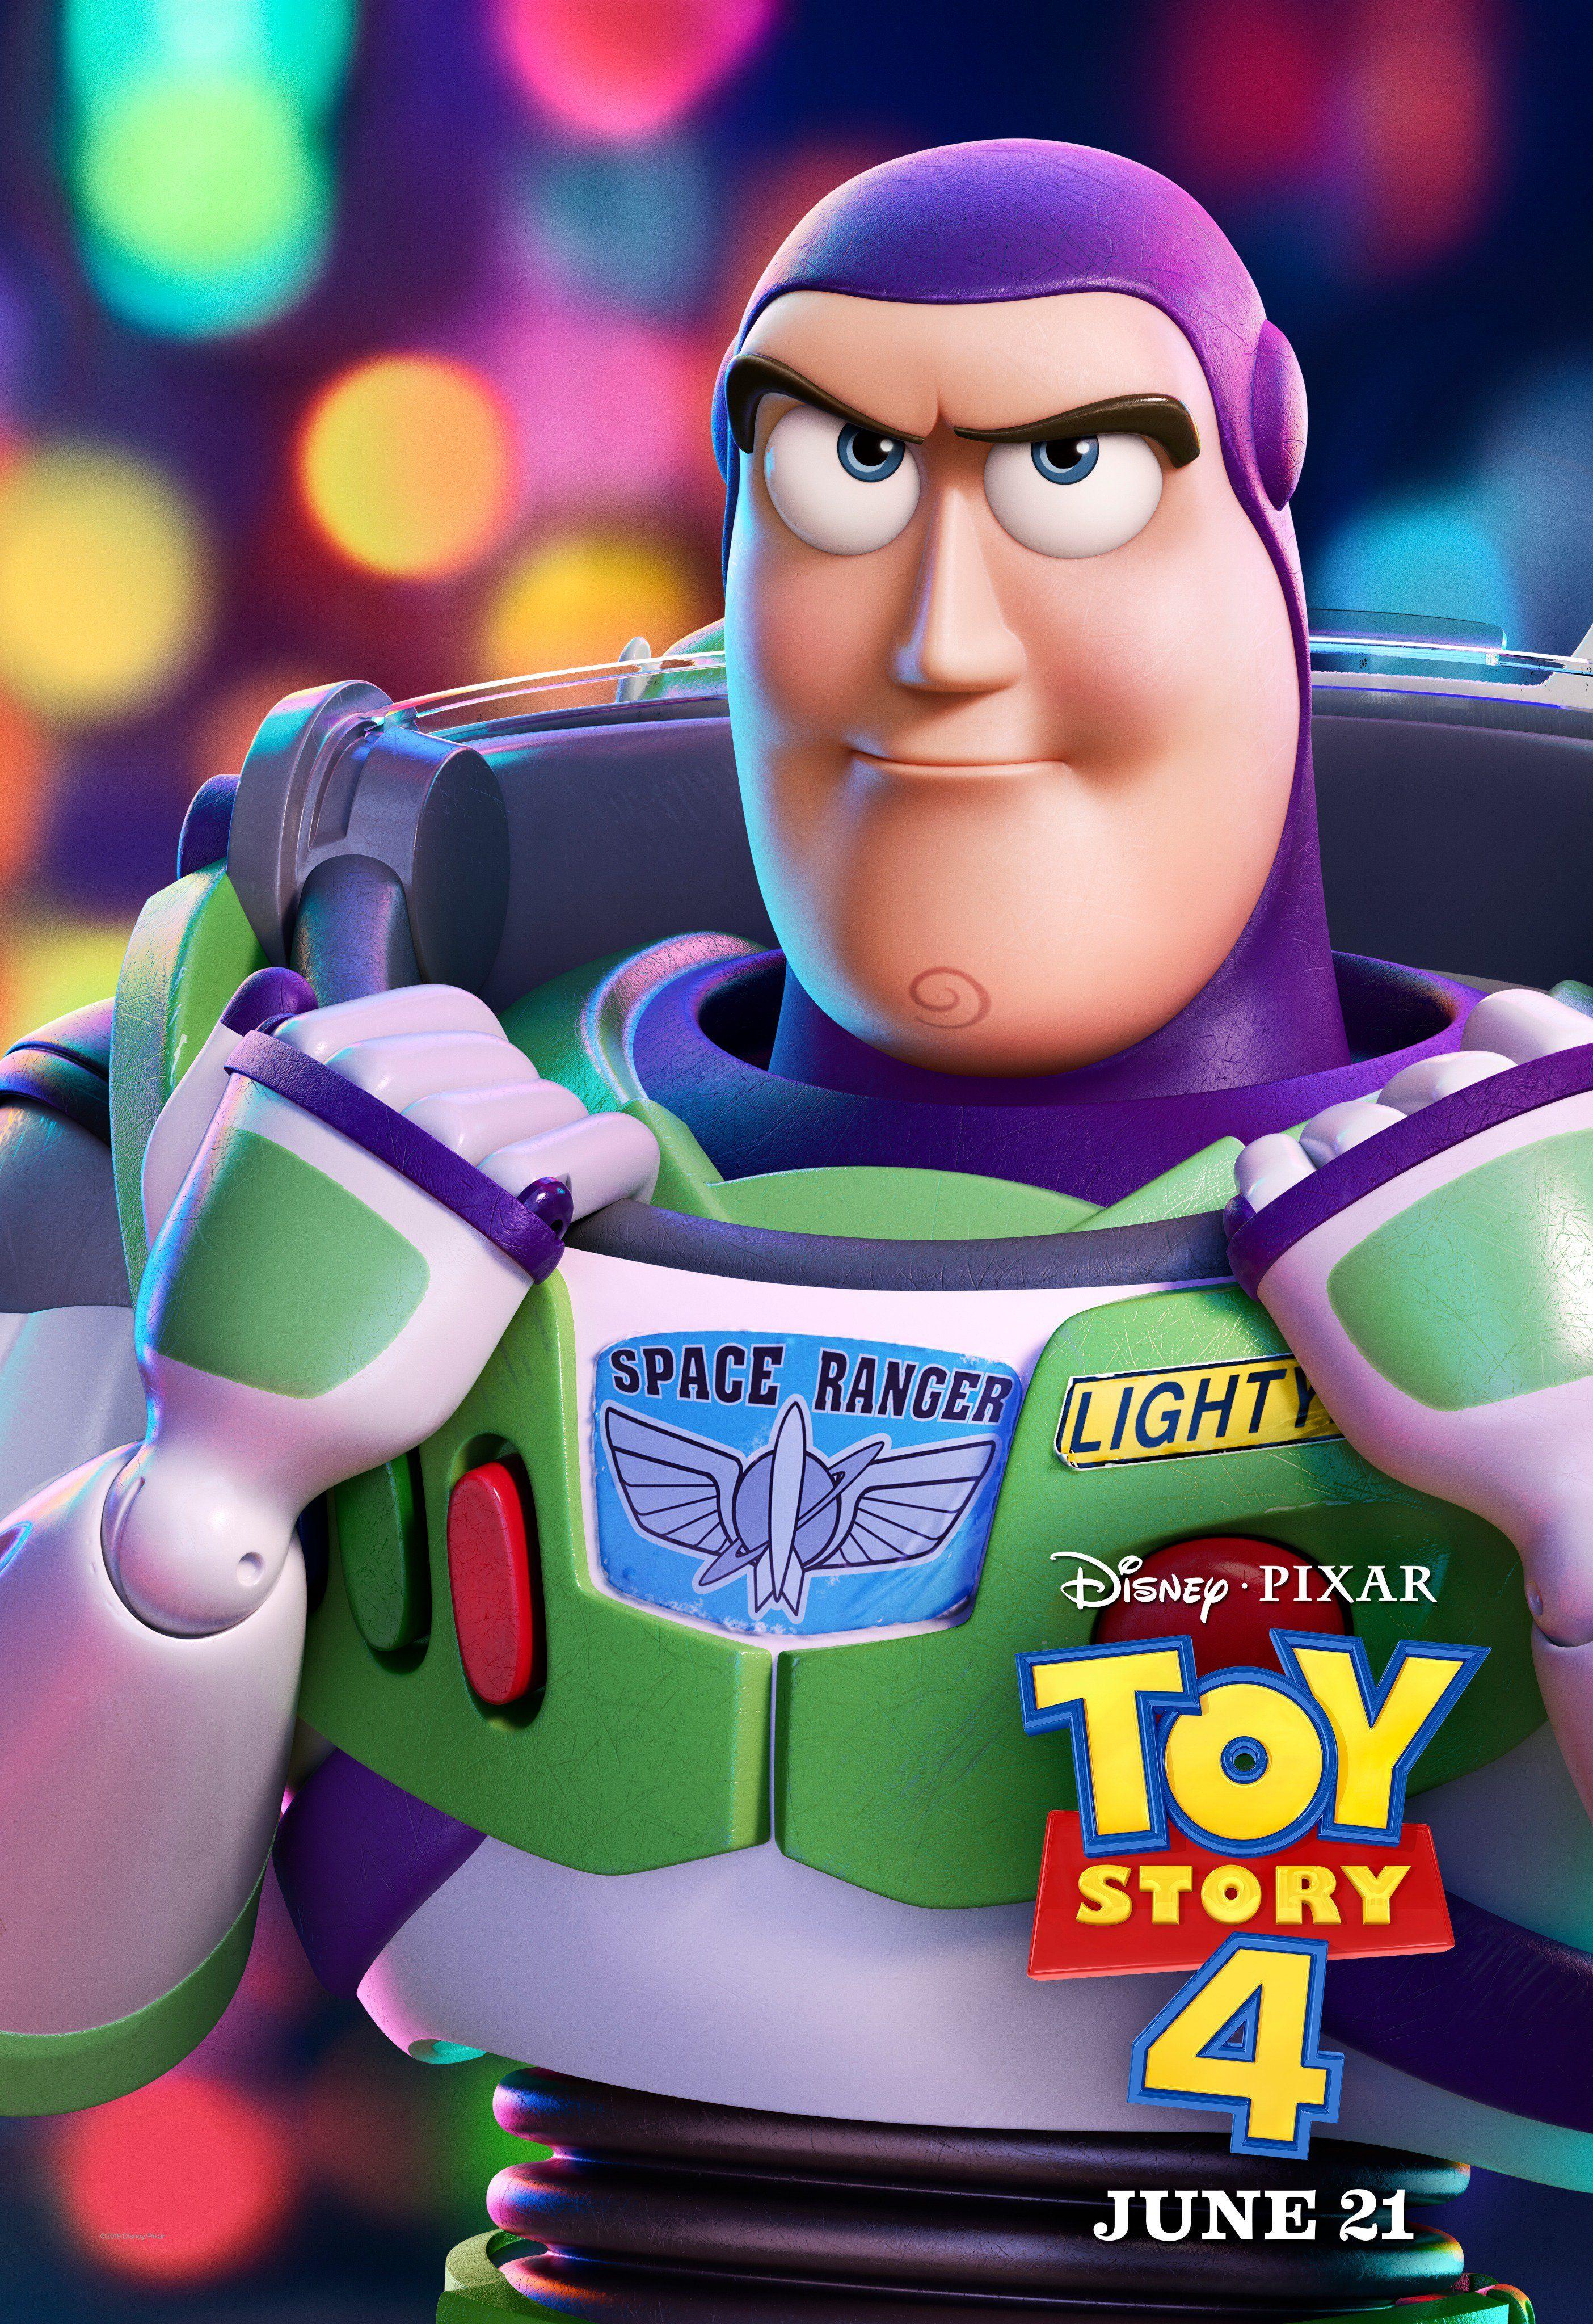 Buzz Lightyear Gallery Disney Wiki Fandom Powered By Wikia New Toy Story Disney Toys Toy Story